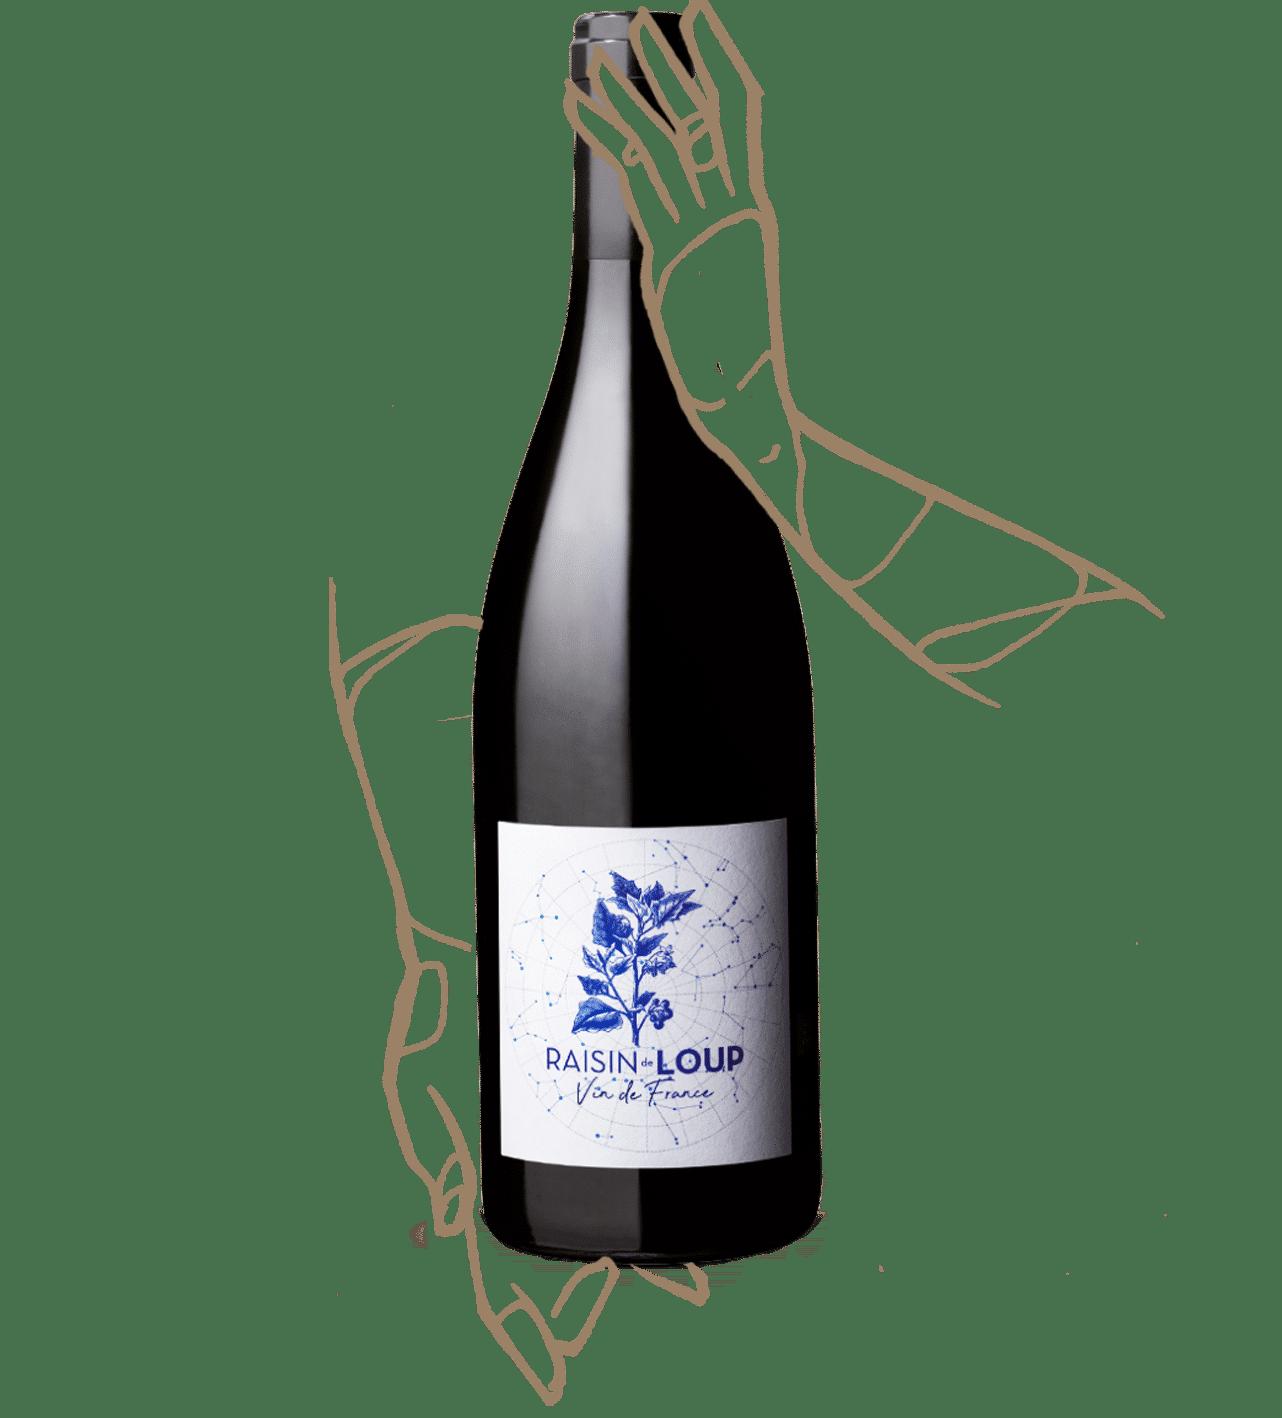 Bouteille de vin Raisin de loup du domaine de Marcoux